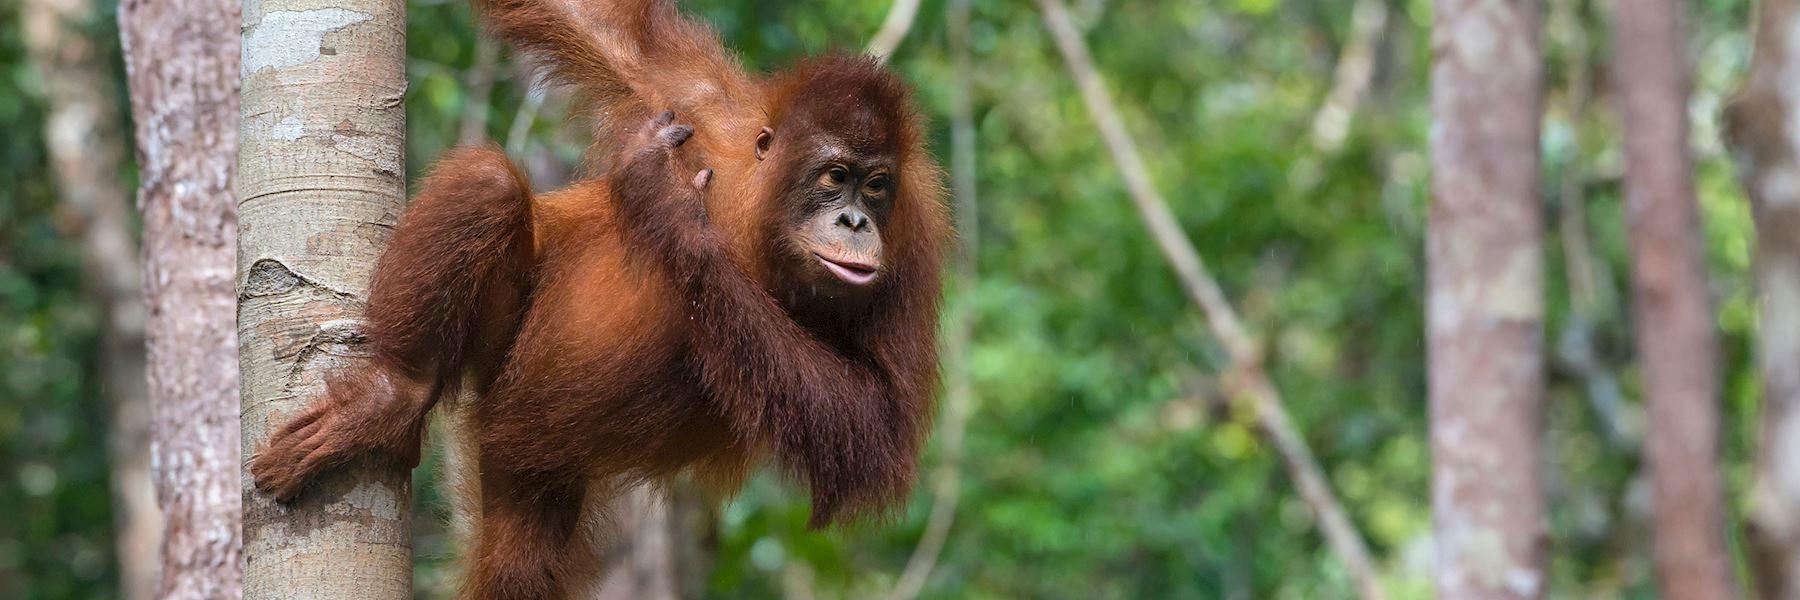 Visit Kalimantan, Indonesia